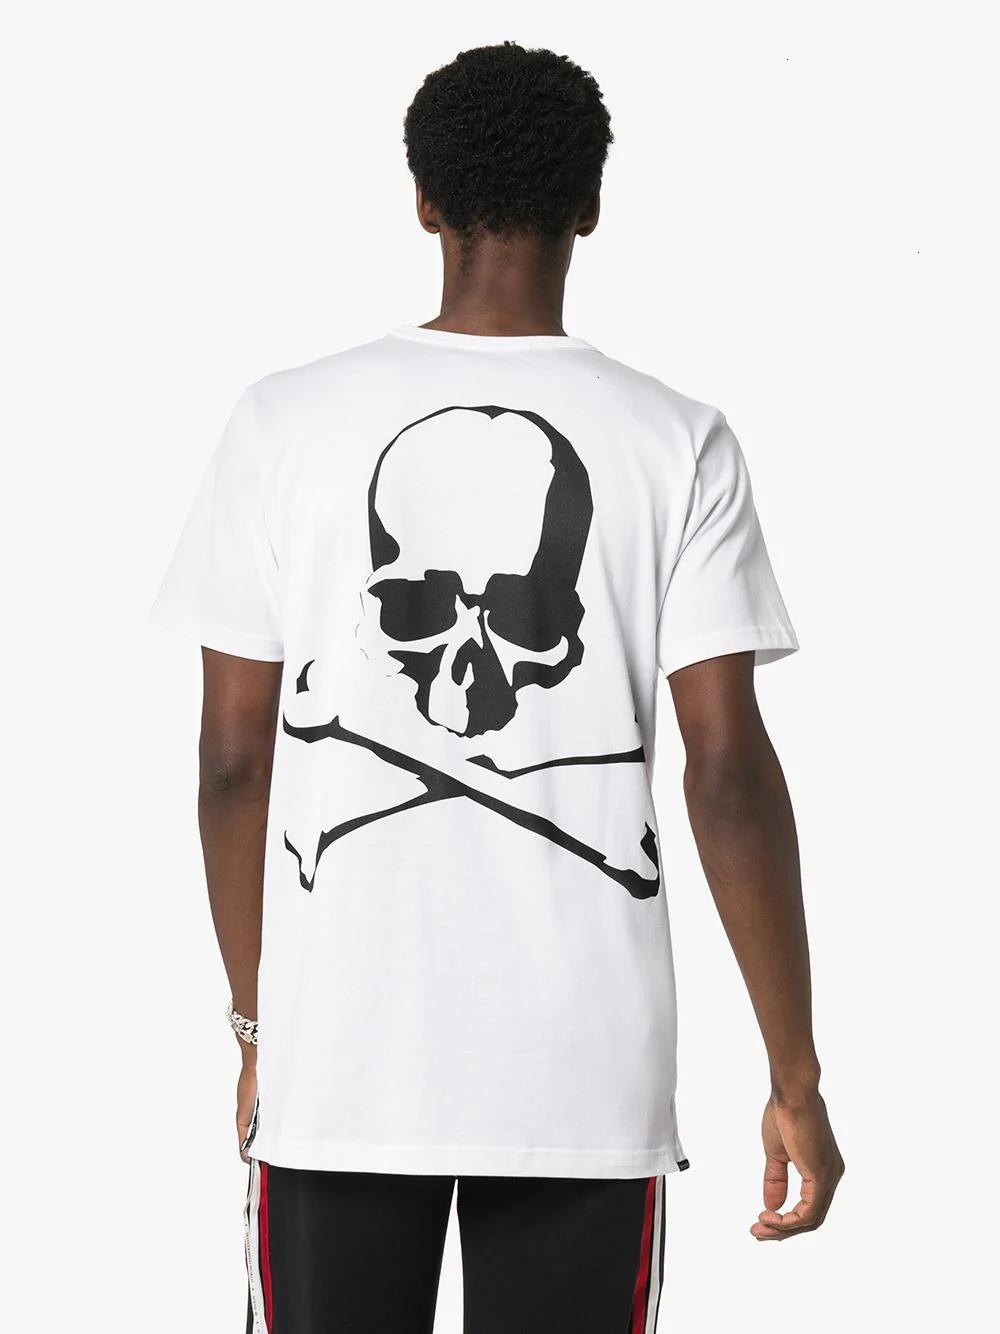 2020 Europea Mode Ronde Tide Collier d'impression de crâne Chemise en coton pour les hommes Vêtements pour hommes 11281